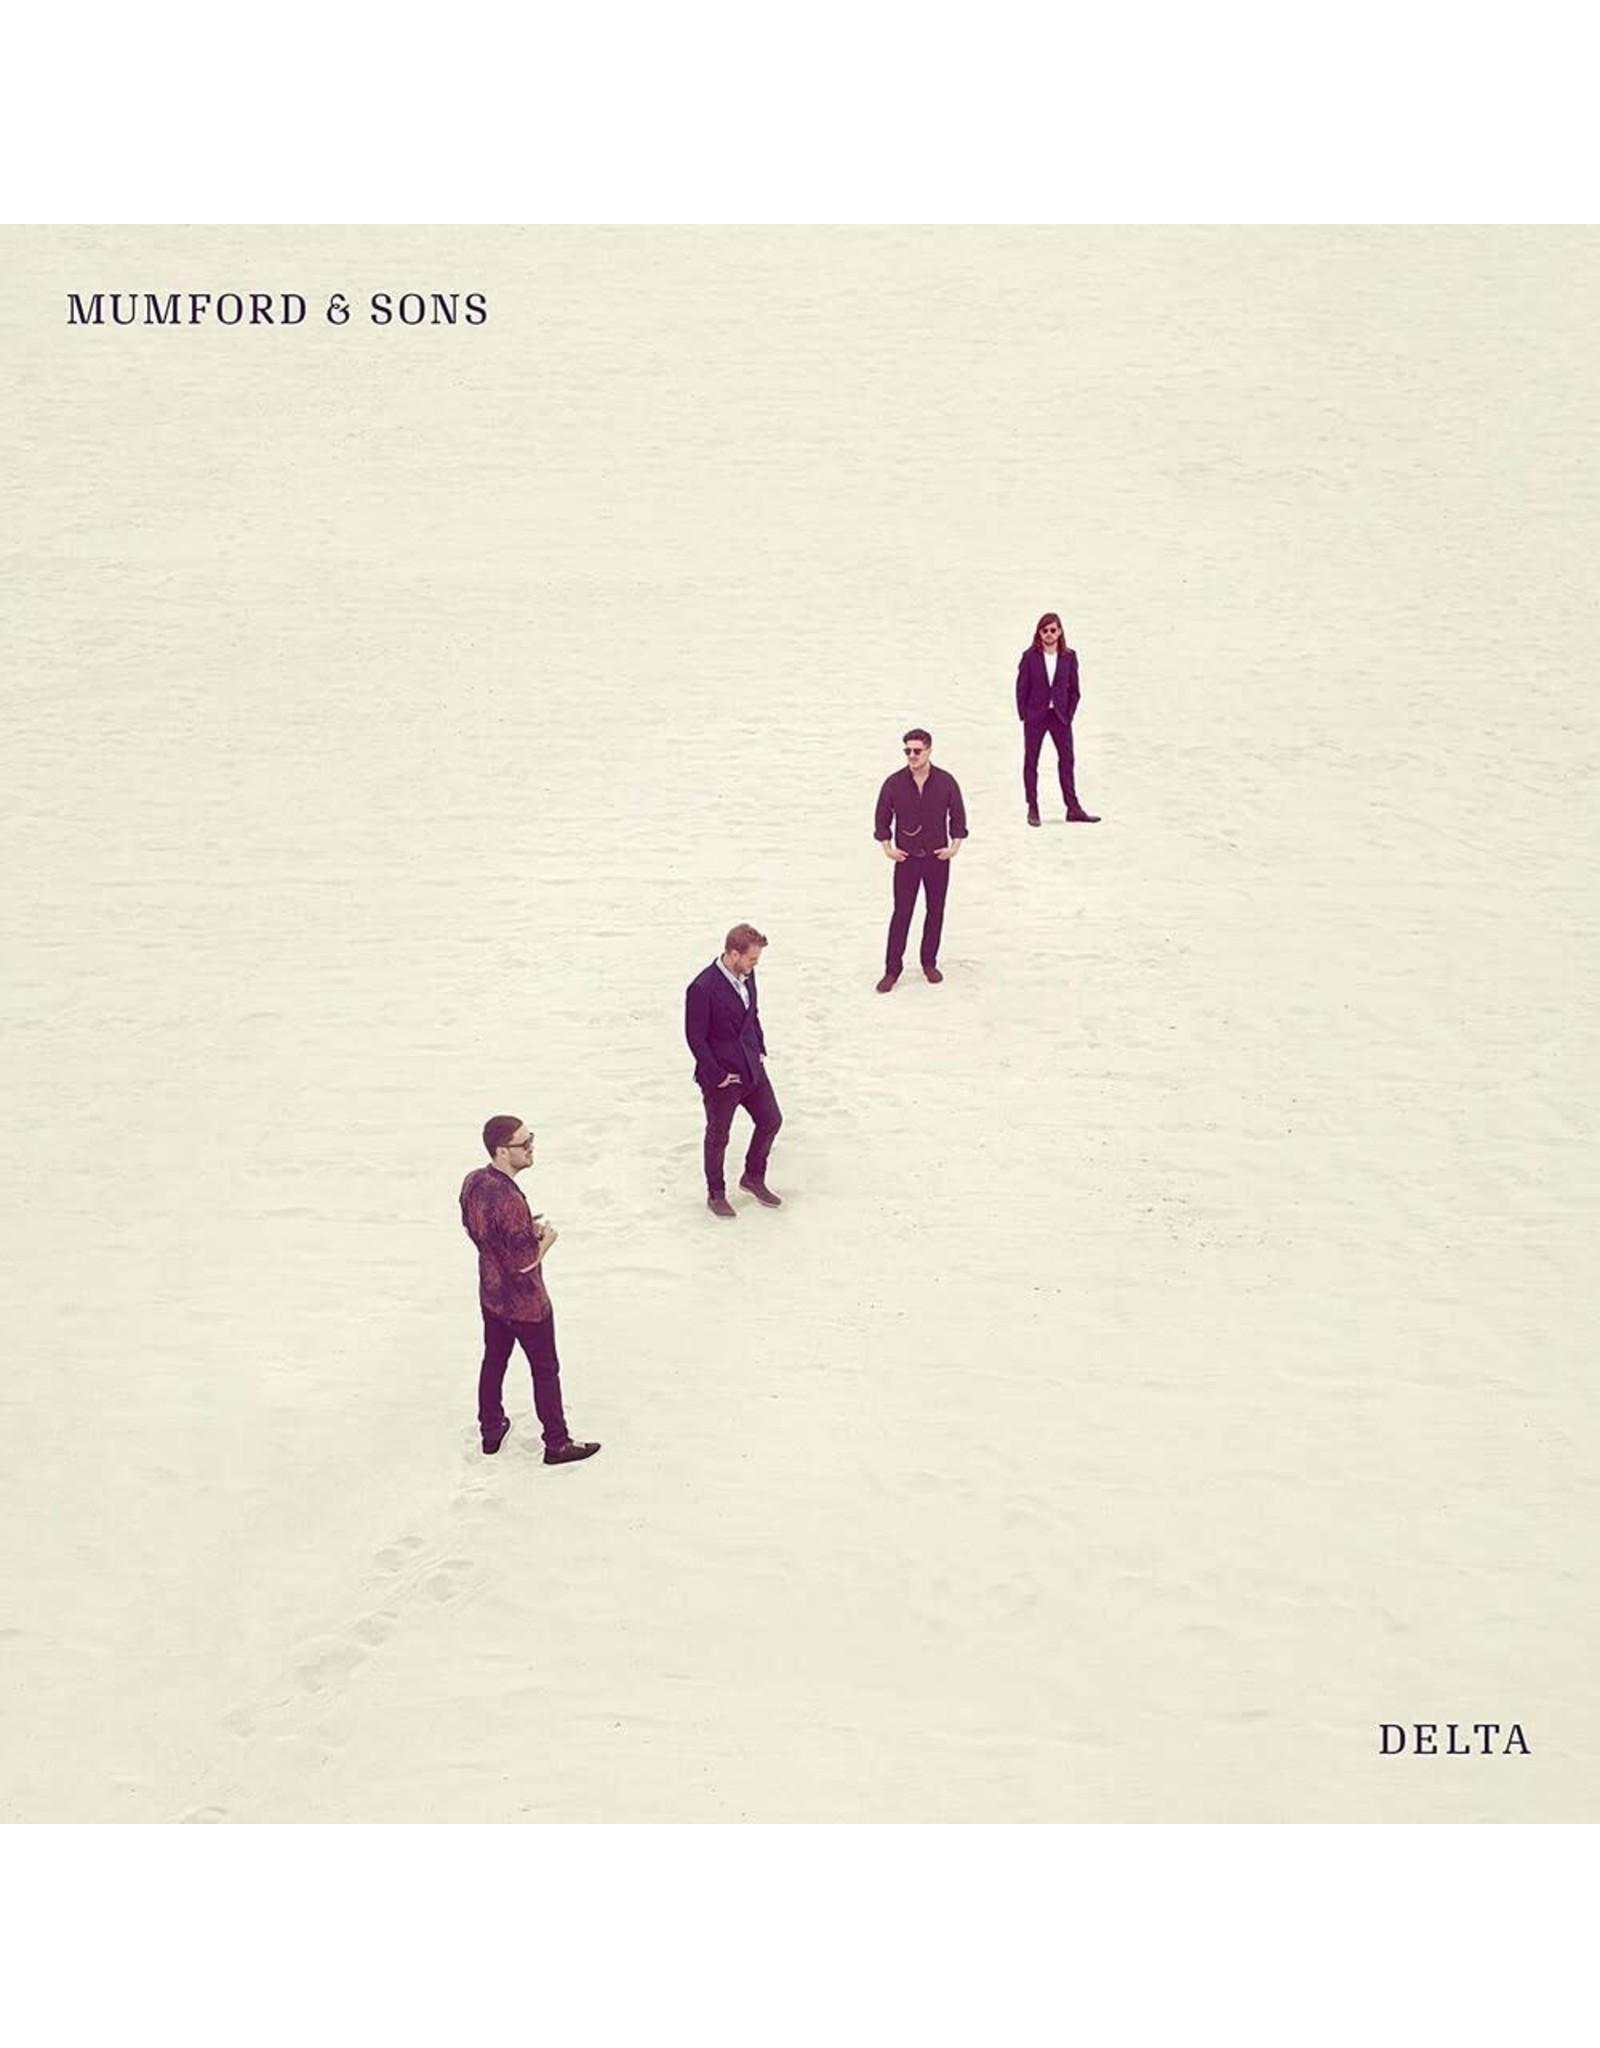 Mumford & Sons - Delta LP